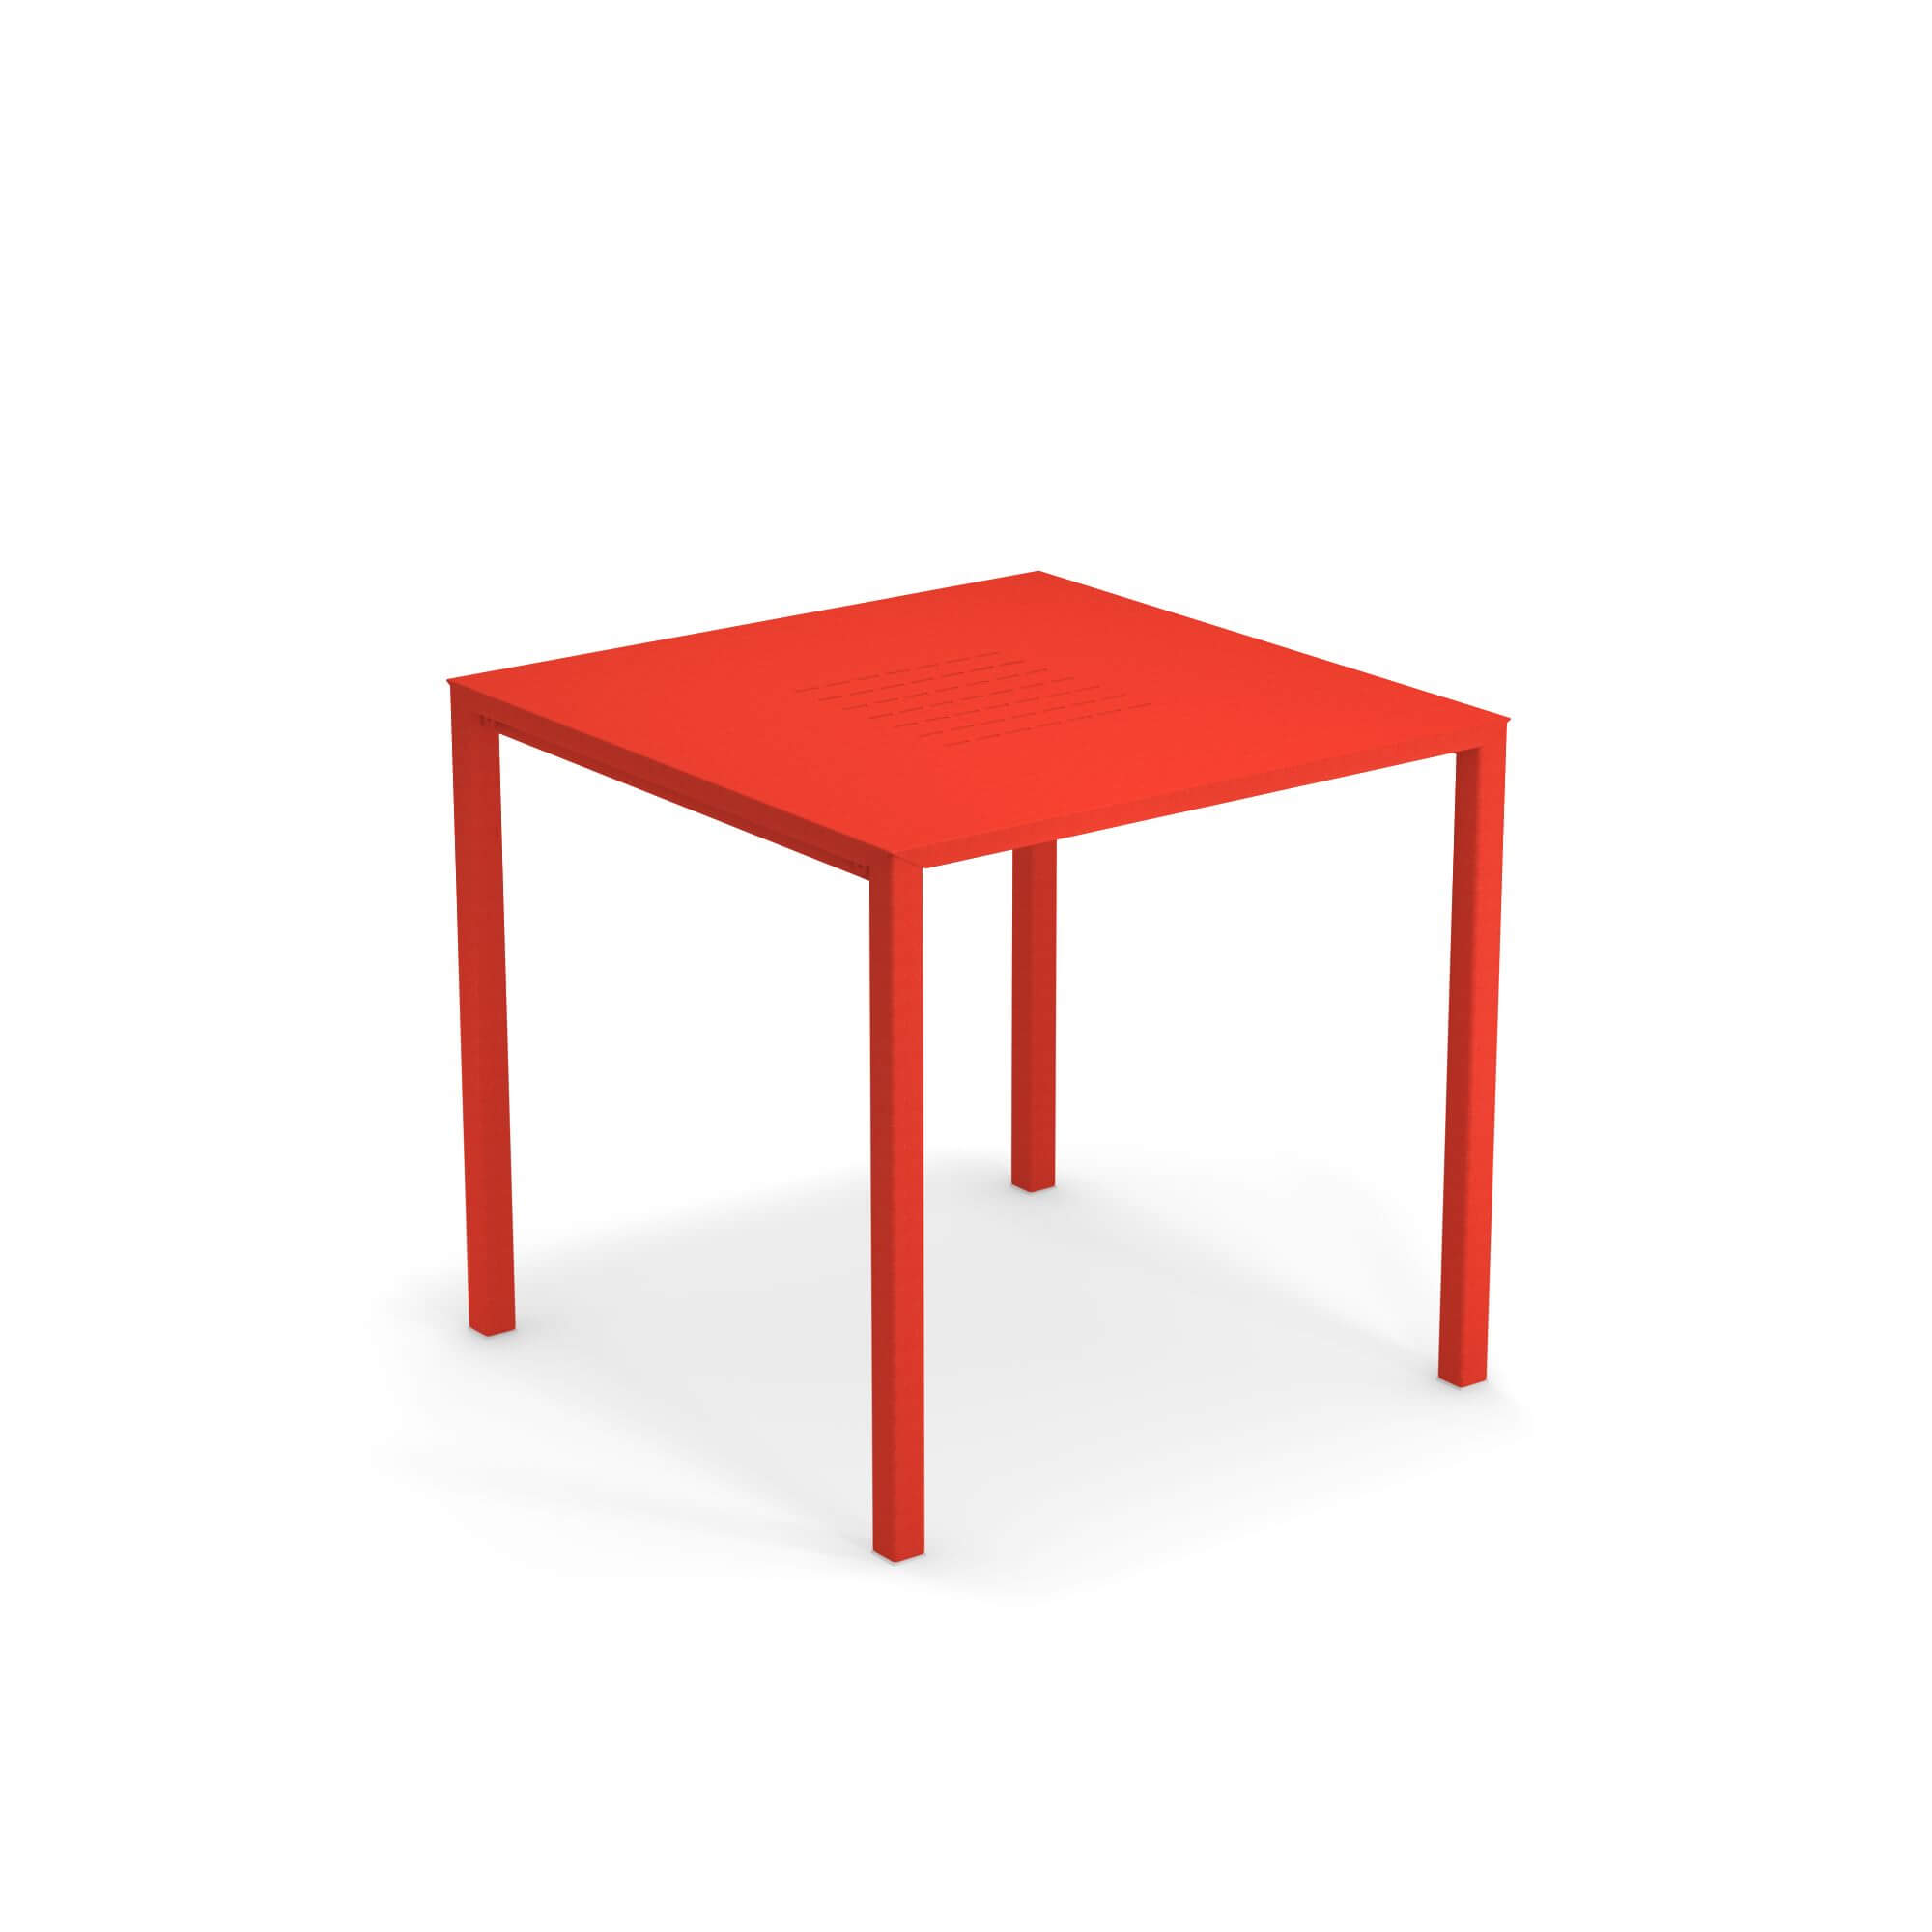 Tavoli Per Esterno Emu.Tavolo Quadrato Impilabile 80x80 Da Giardino Esterno In